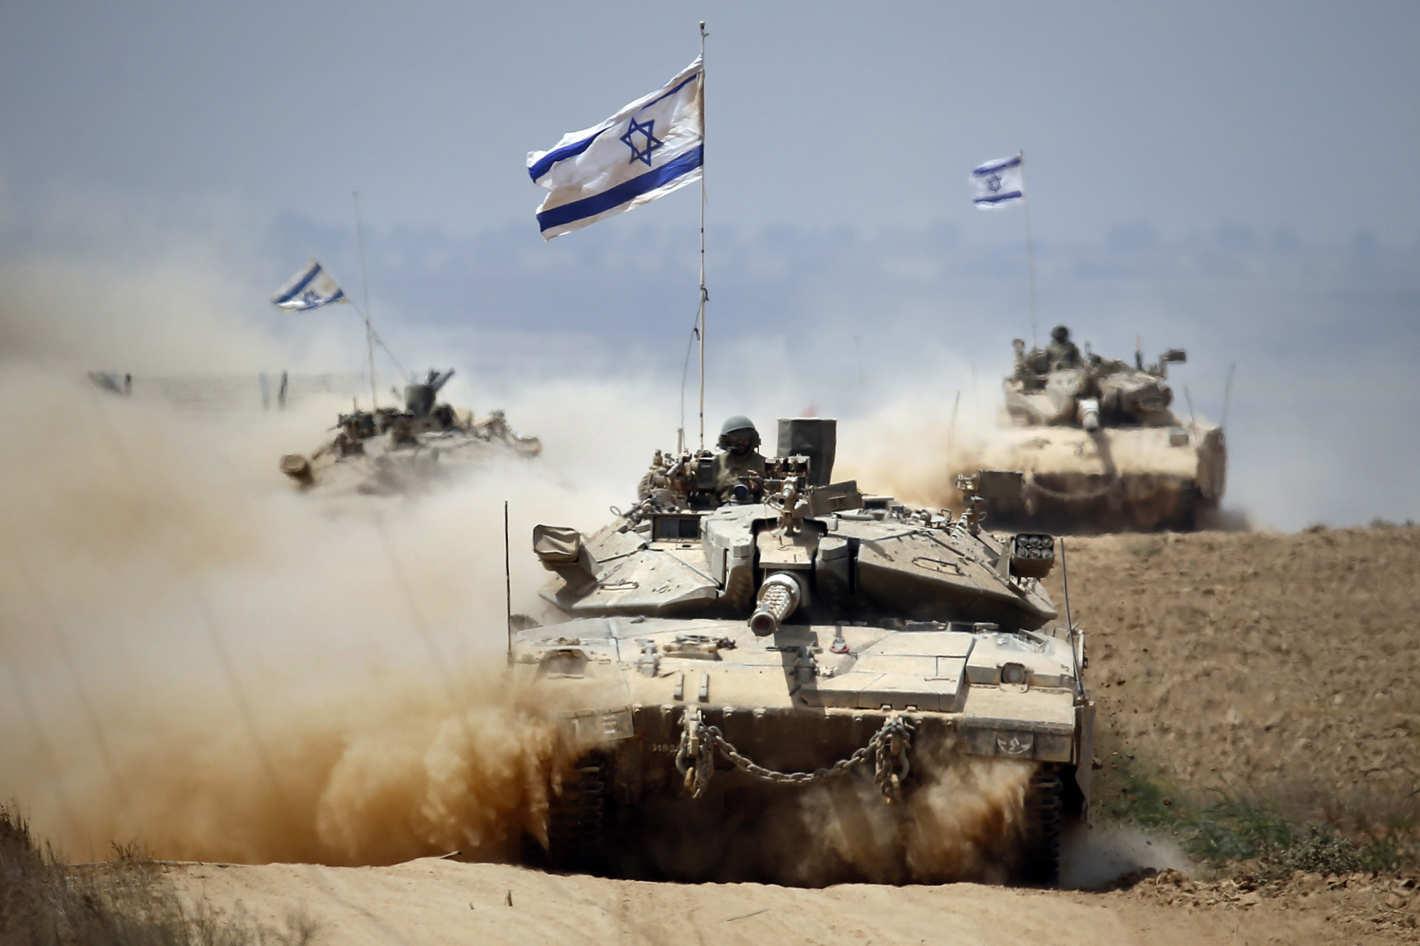 La tecnología israelí ha sobresalido y se ha convertido en referente para el mundo en el sector de sistemas de defensa, no es un secreto para nadie